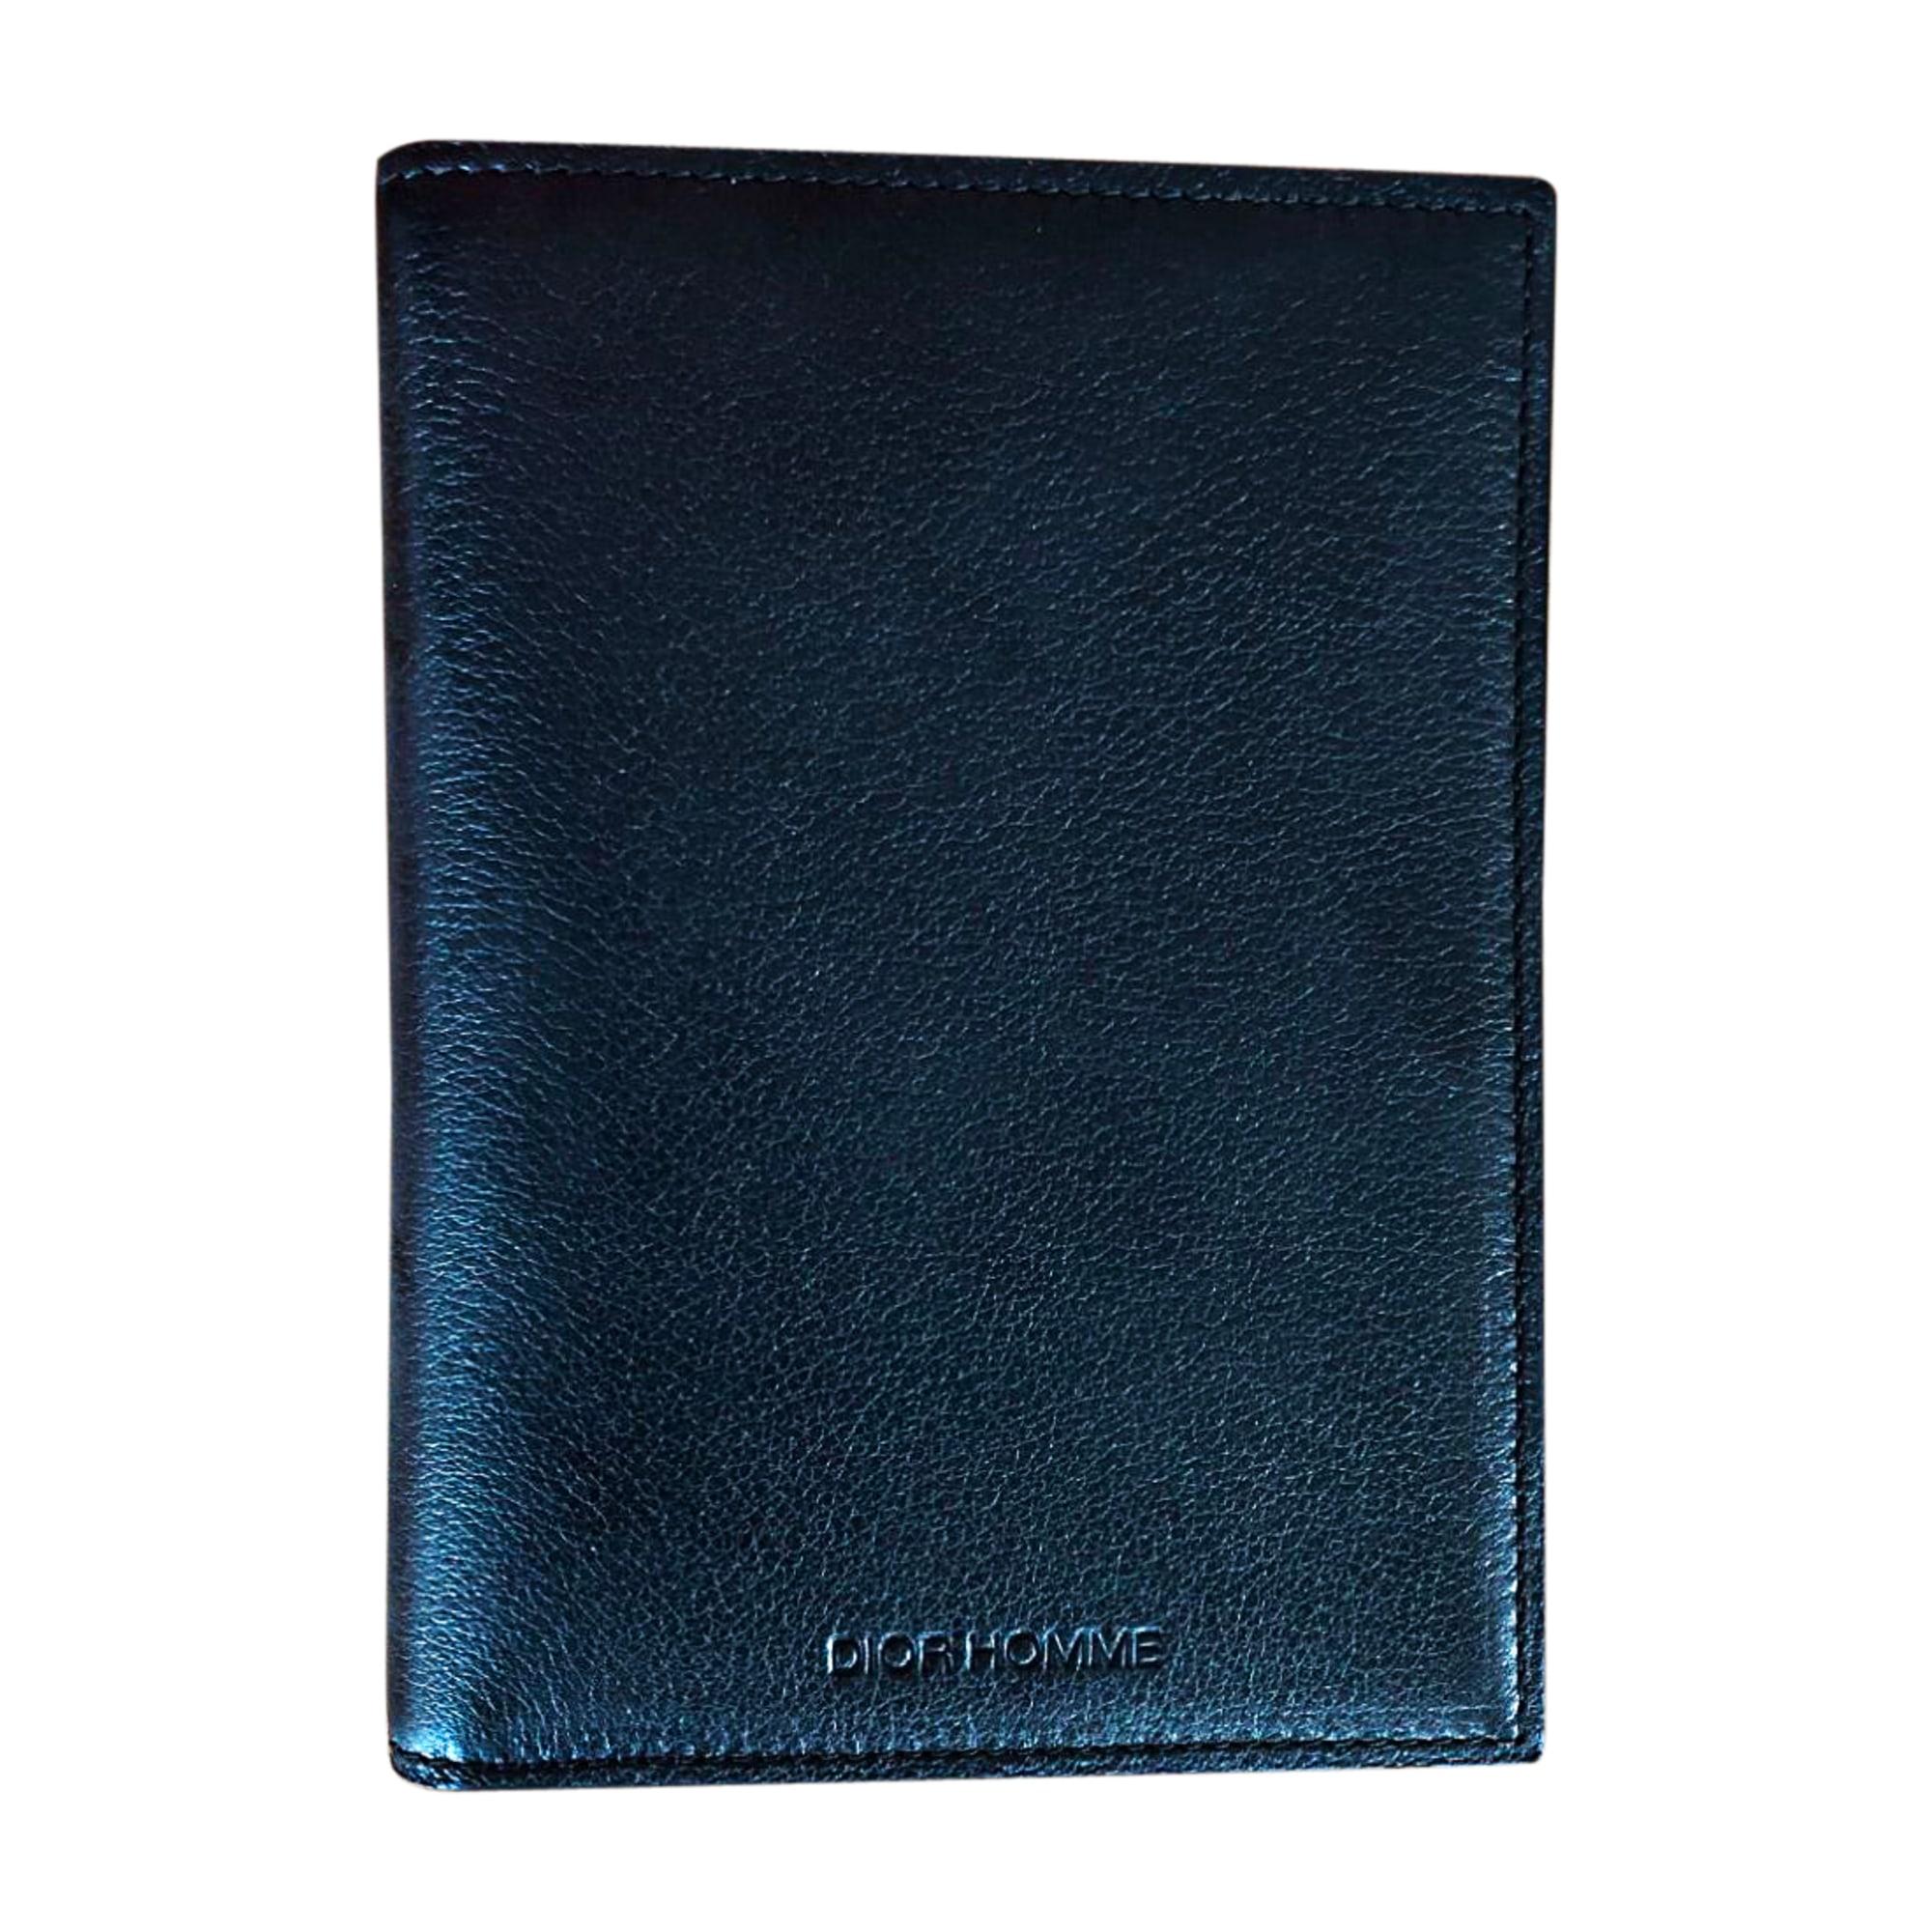 Wallet DIOR HOMME Black